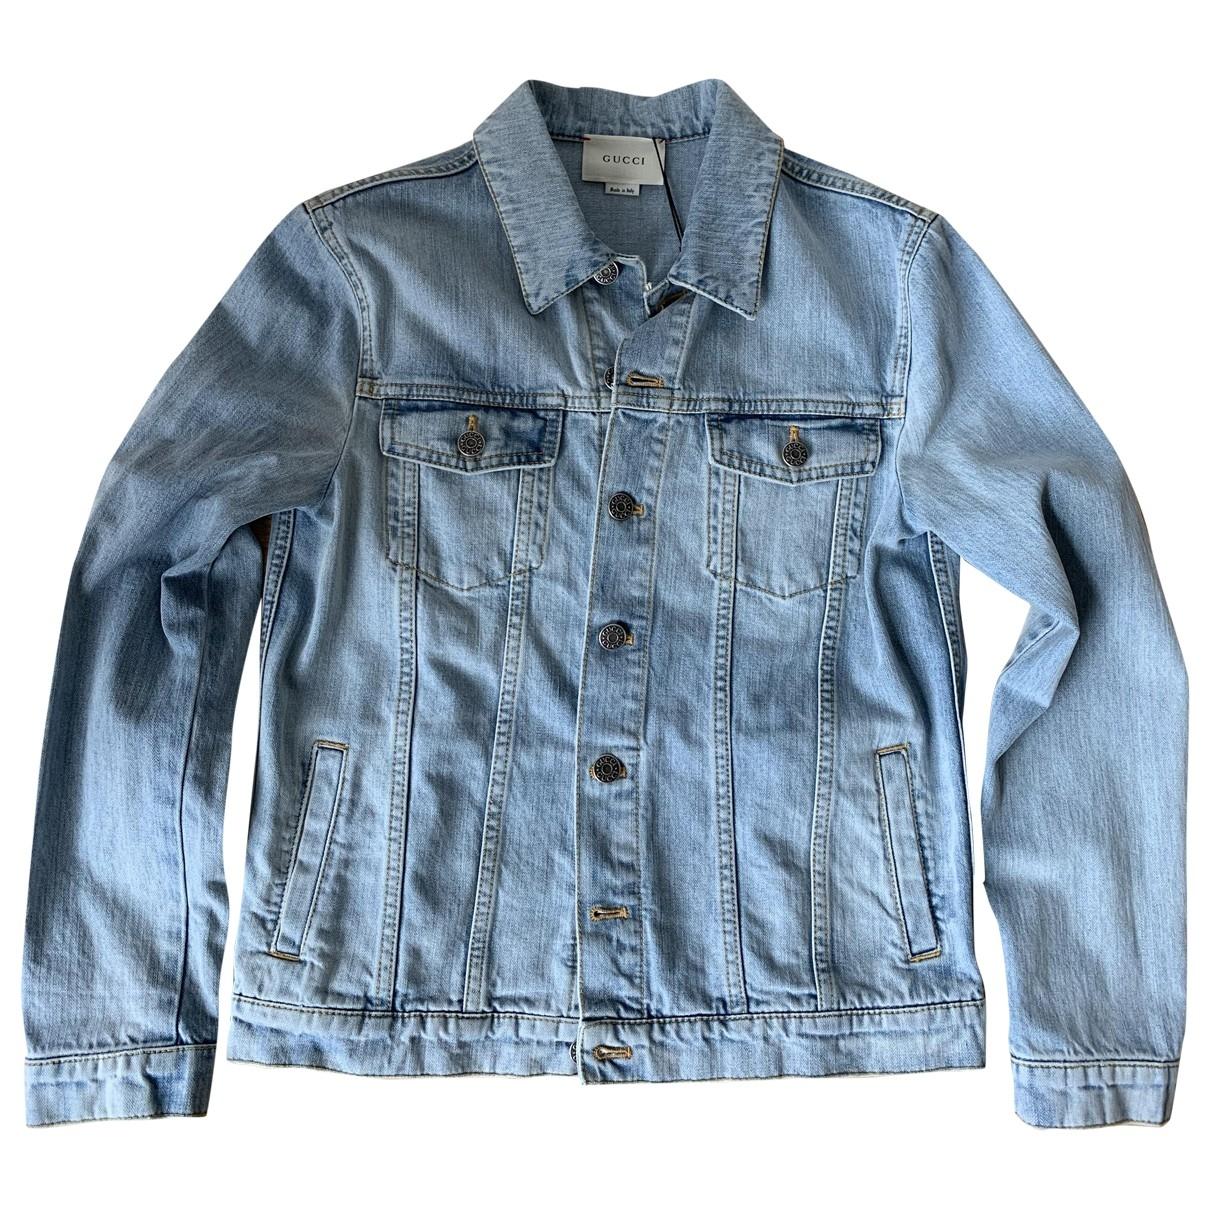 Gucci - Blousons.Manteaux   pour enfant en denim - bleu